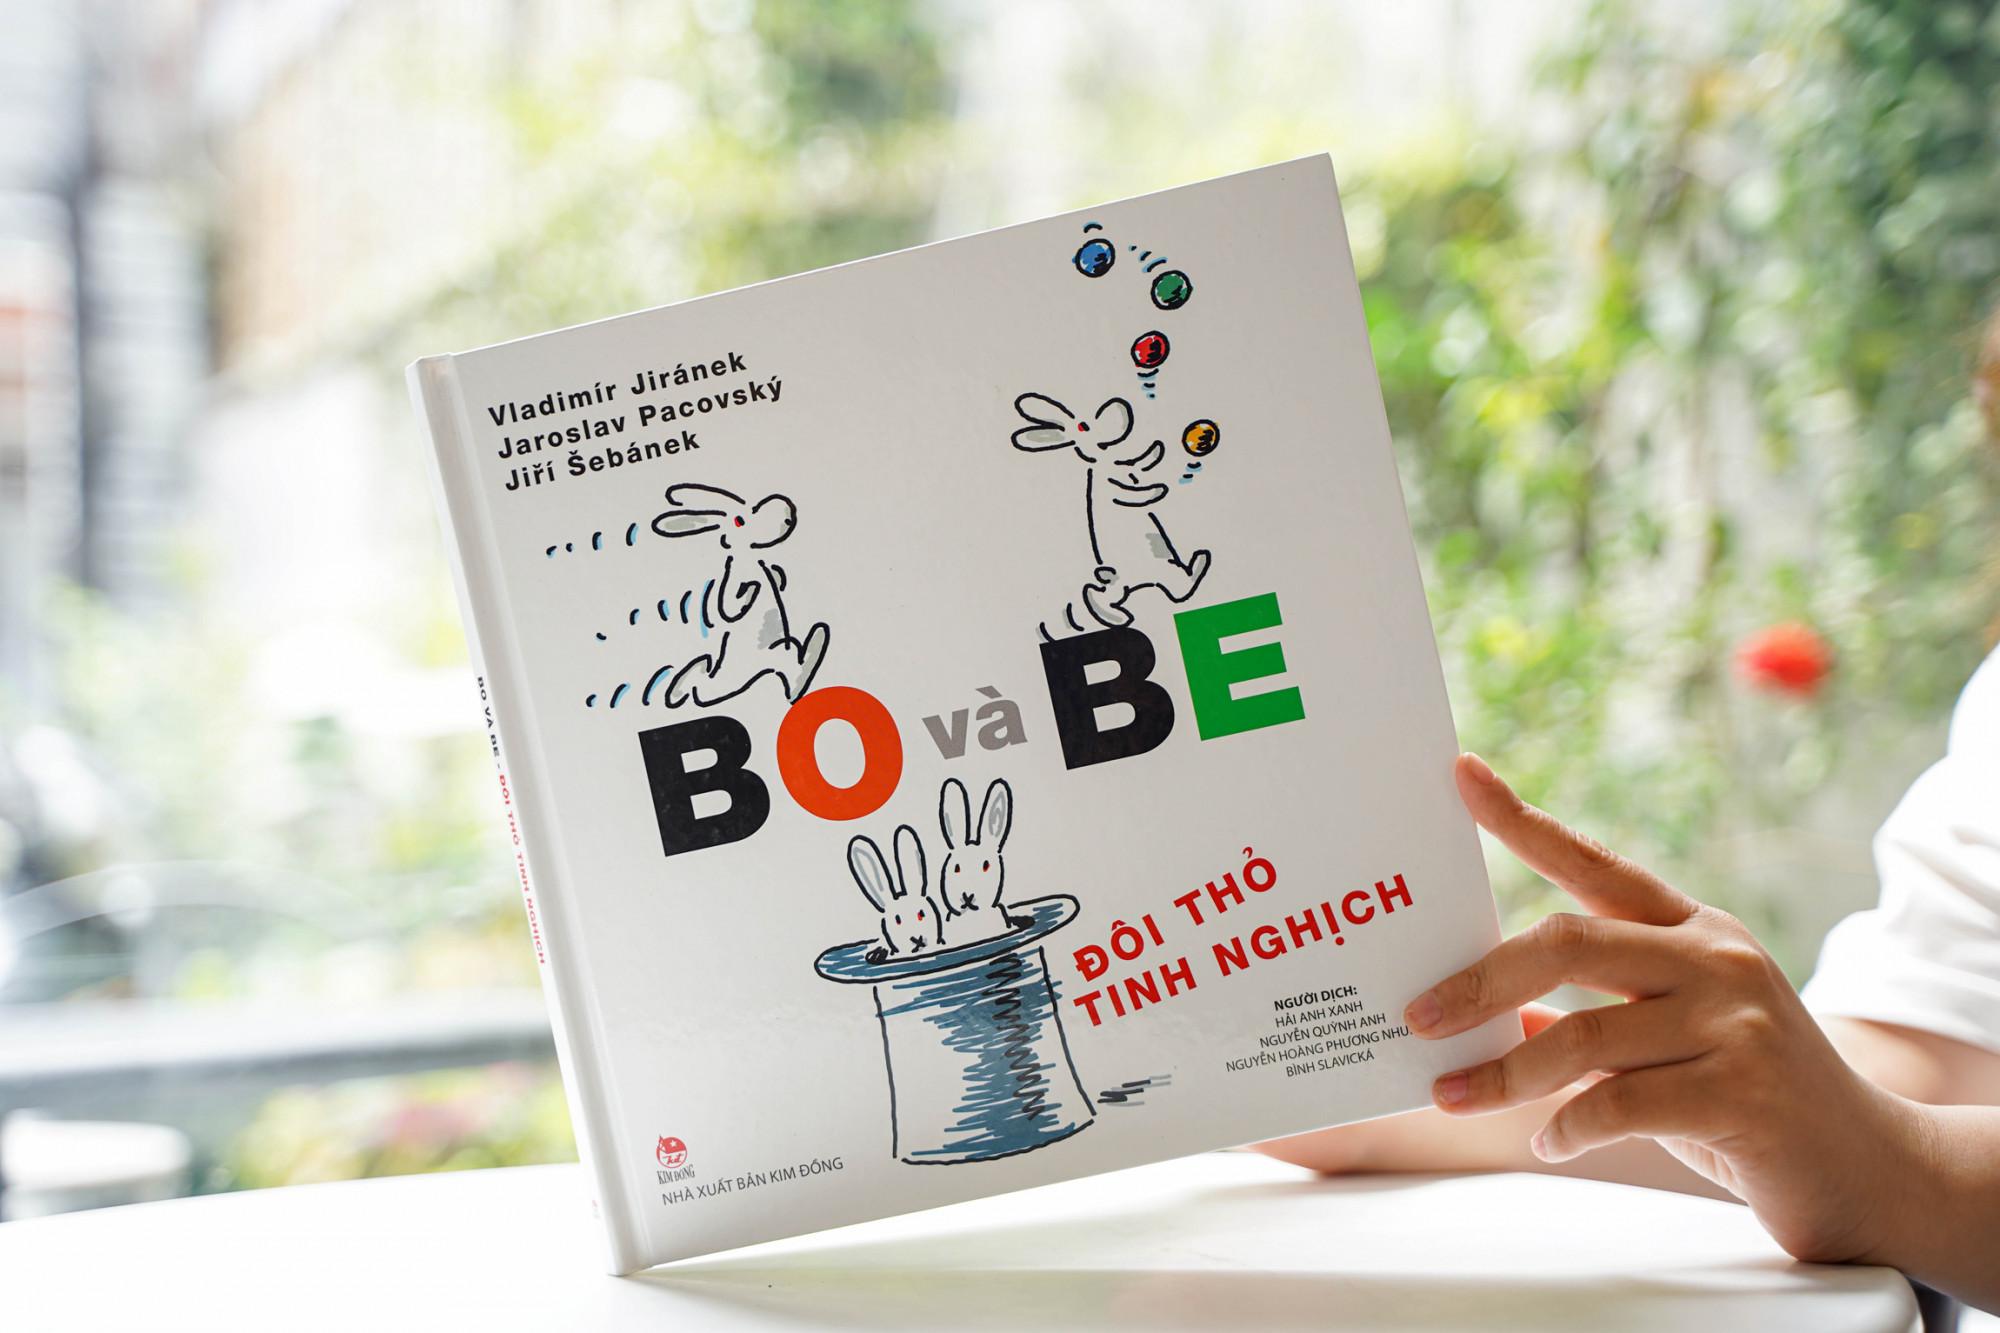 Những cuốn sách được kỳ vọng sẽ giúp mùa hè của trẻ thú vị hơn.